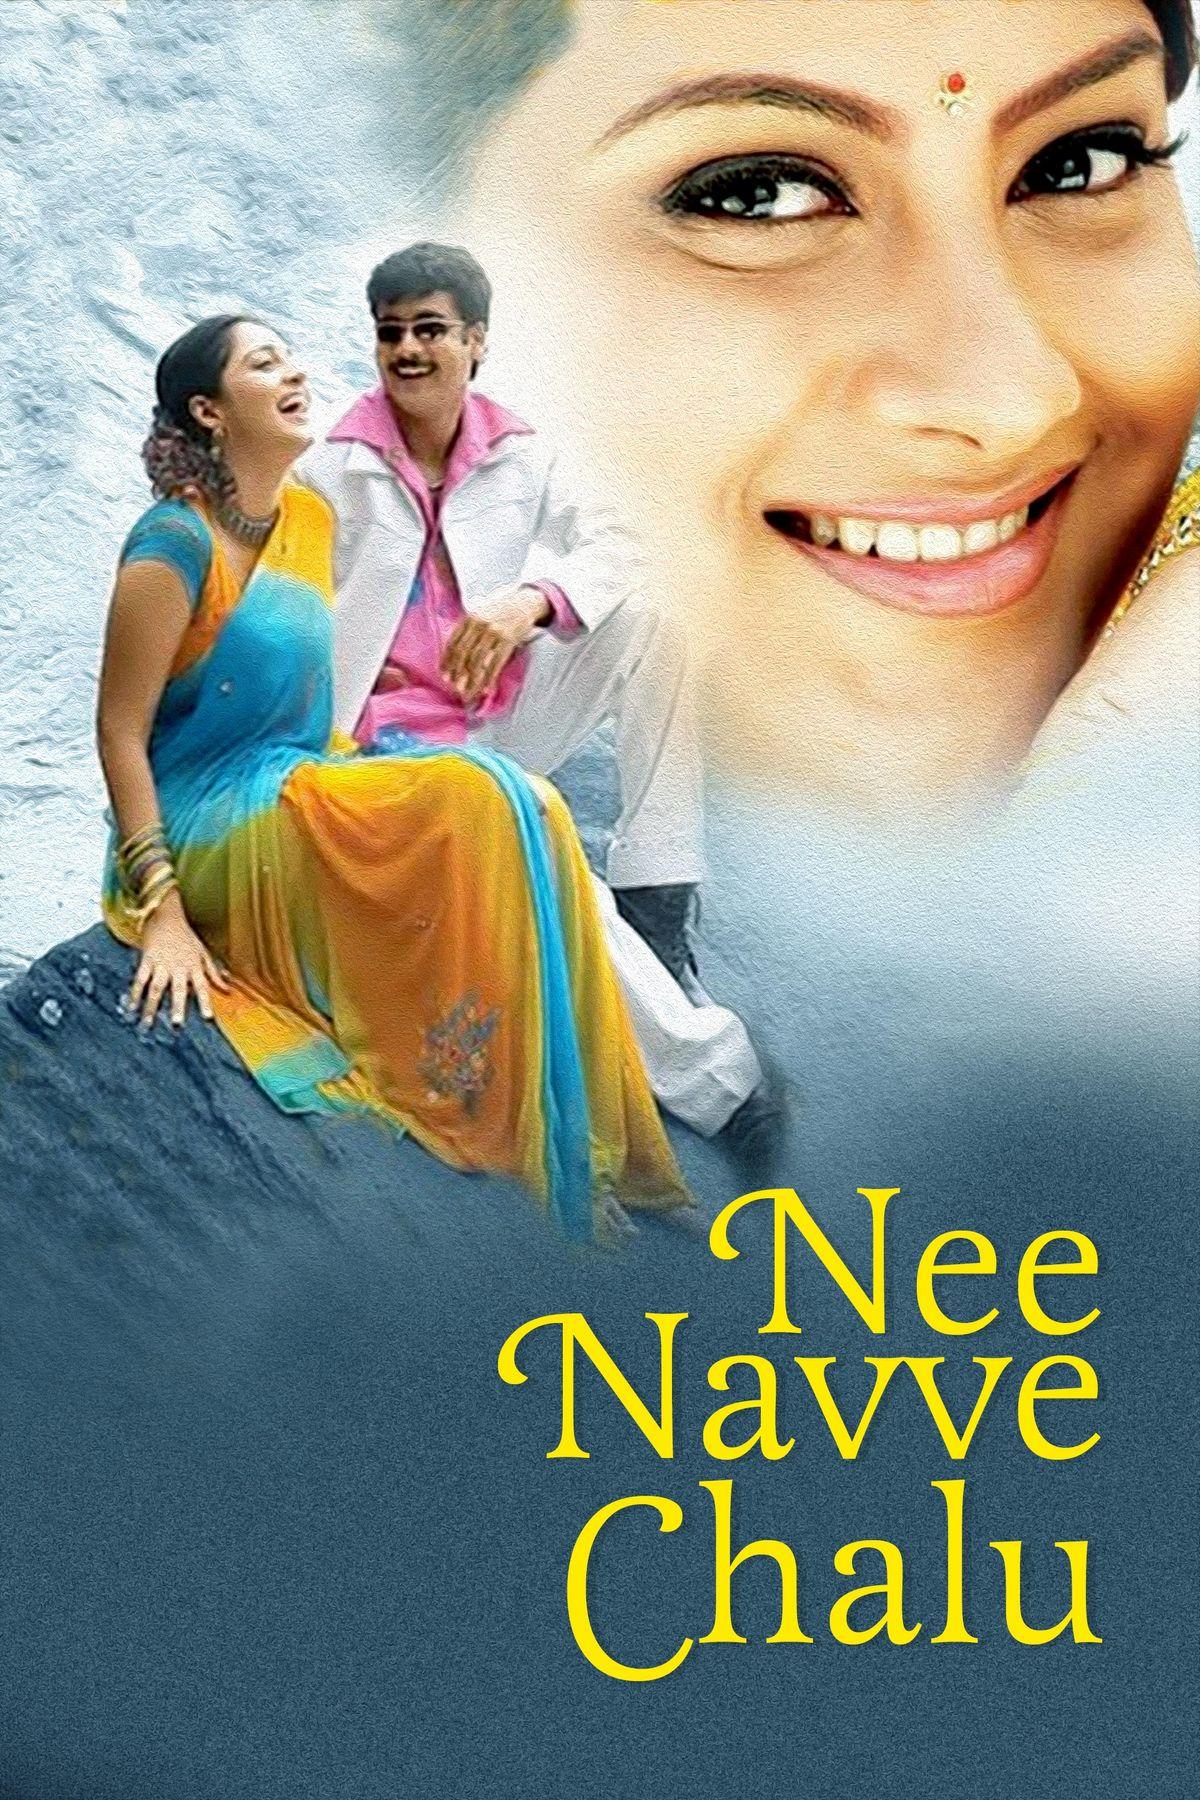 Nee Navve Chalu